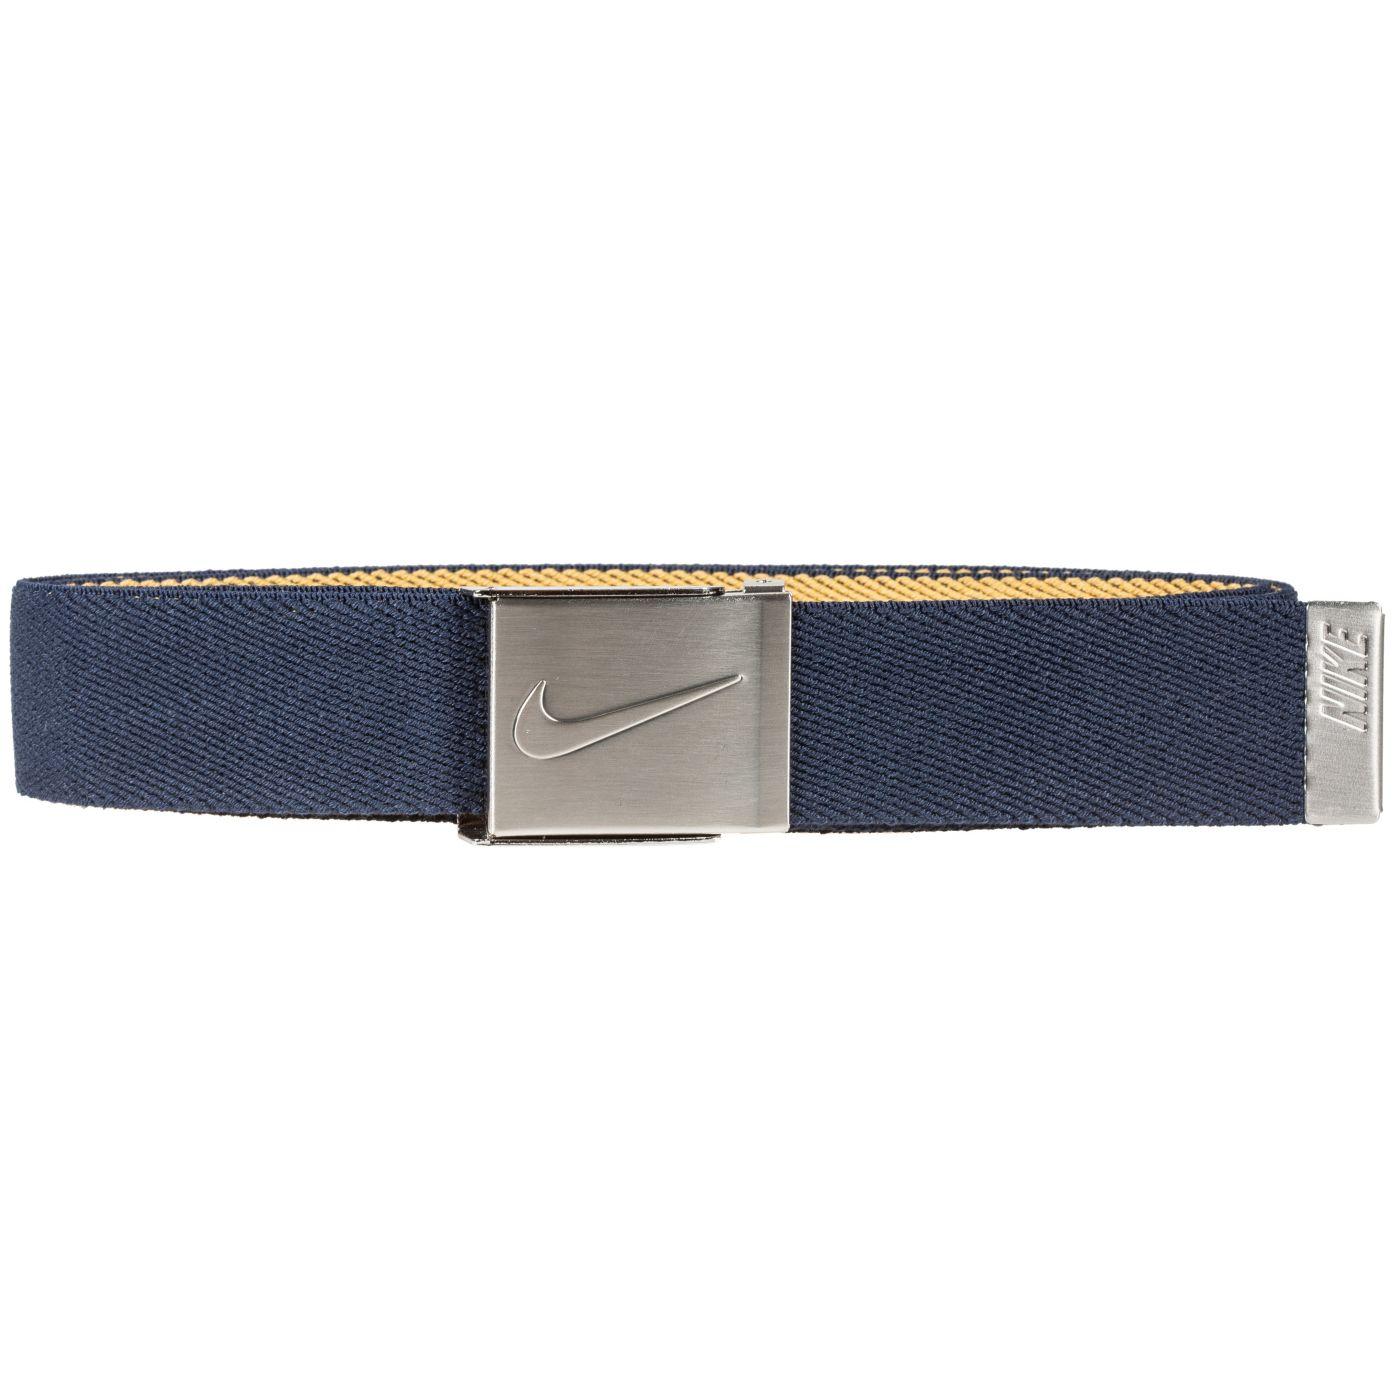 Nike Women's Reversible Single Web Golf Belt